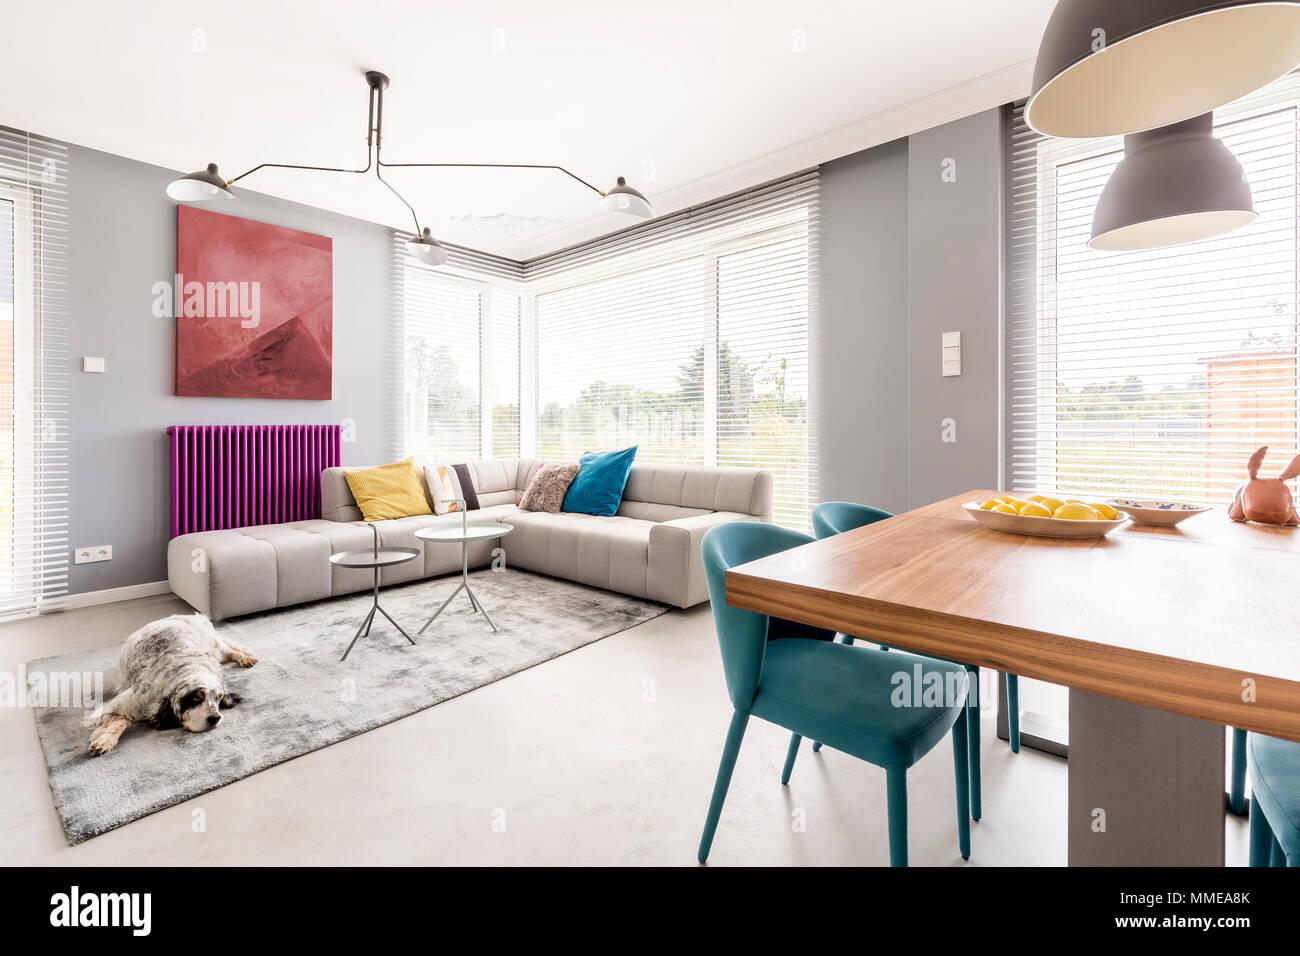 Colori Per Pareti Beige : Il modo di vivere moderno camera per famiglia con pareti di colore